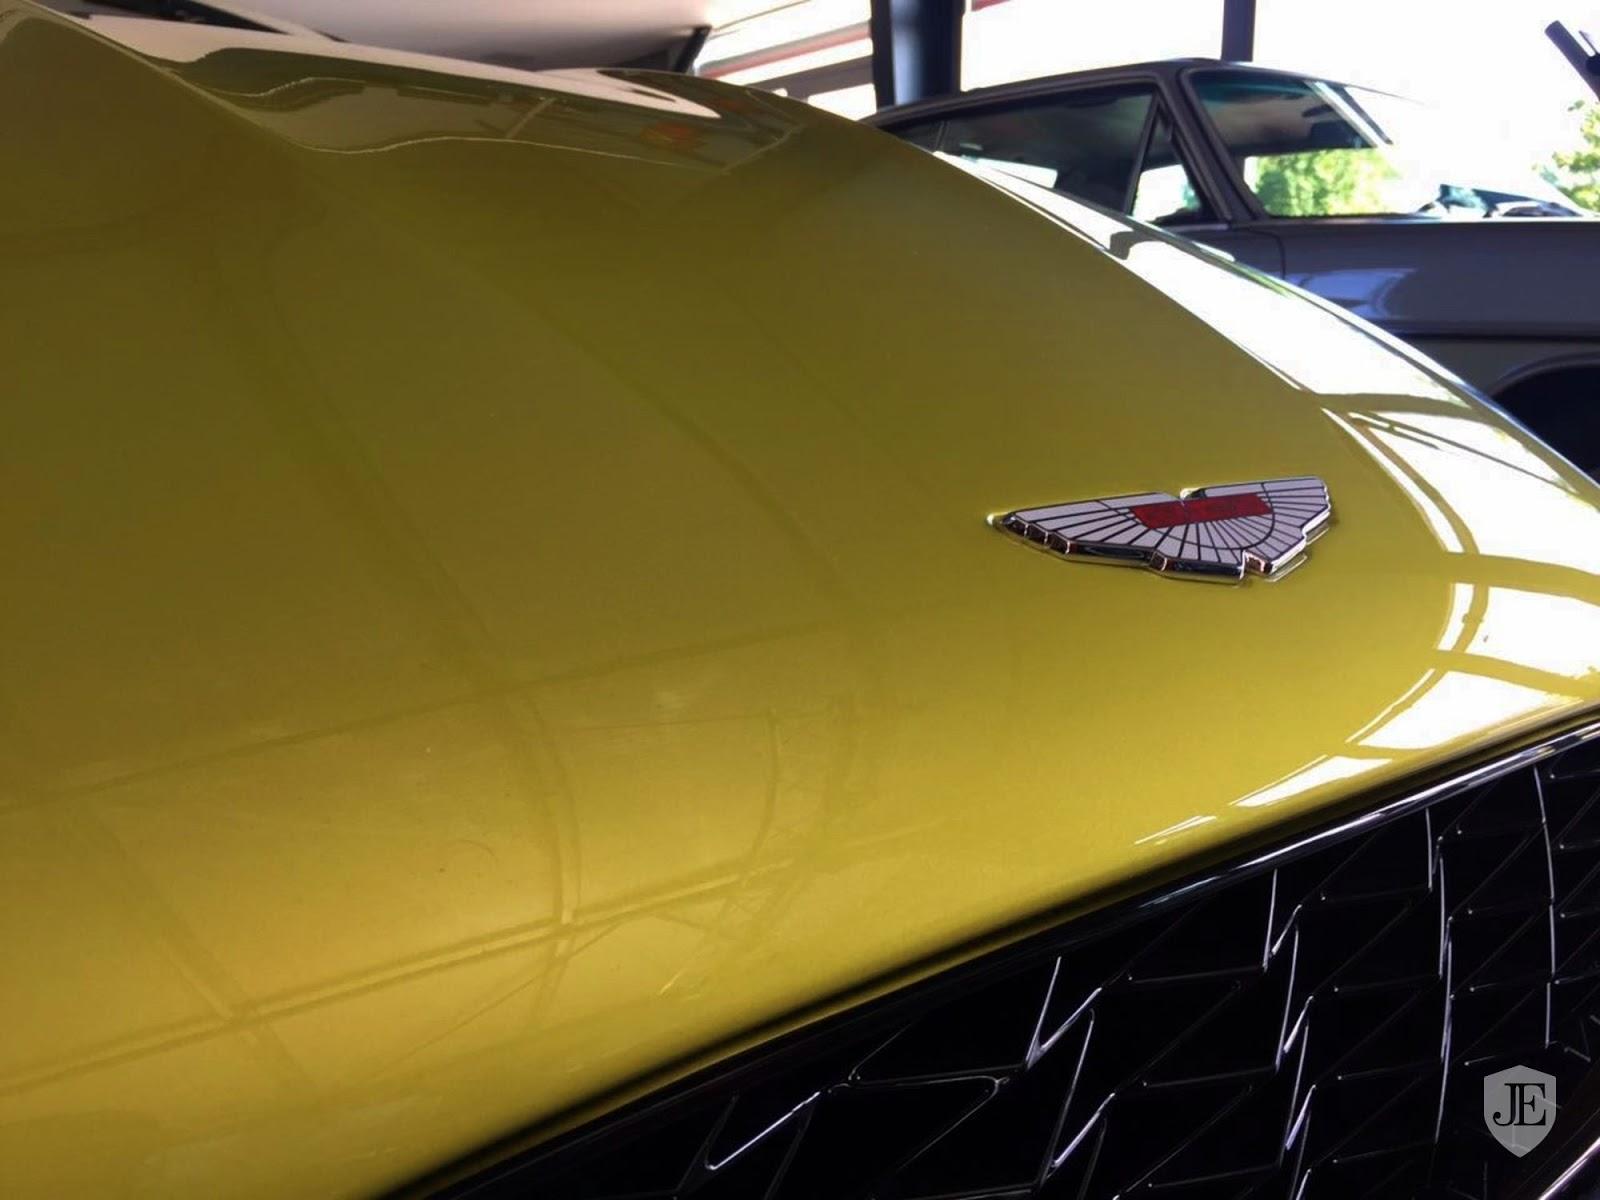 Aston Martin Vanquish Zagato yellow (14)